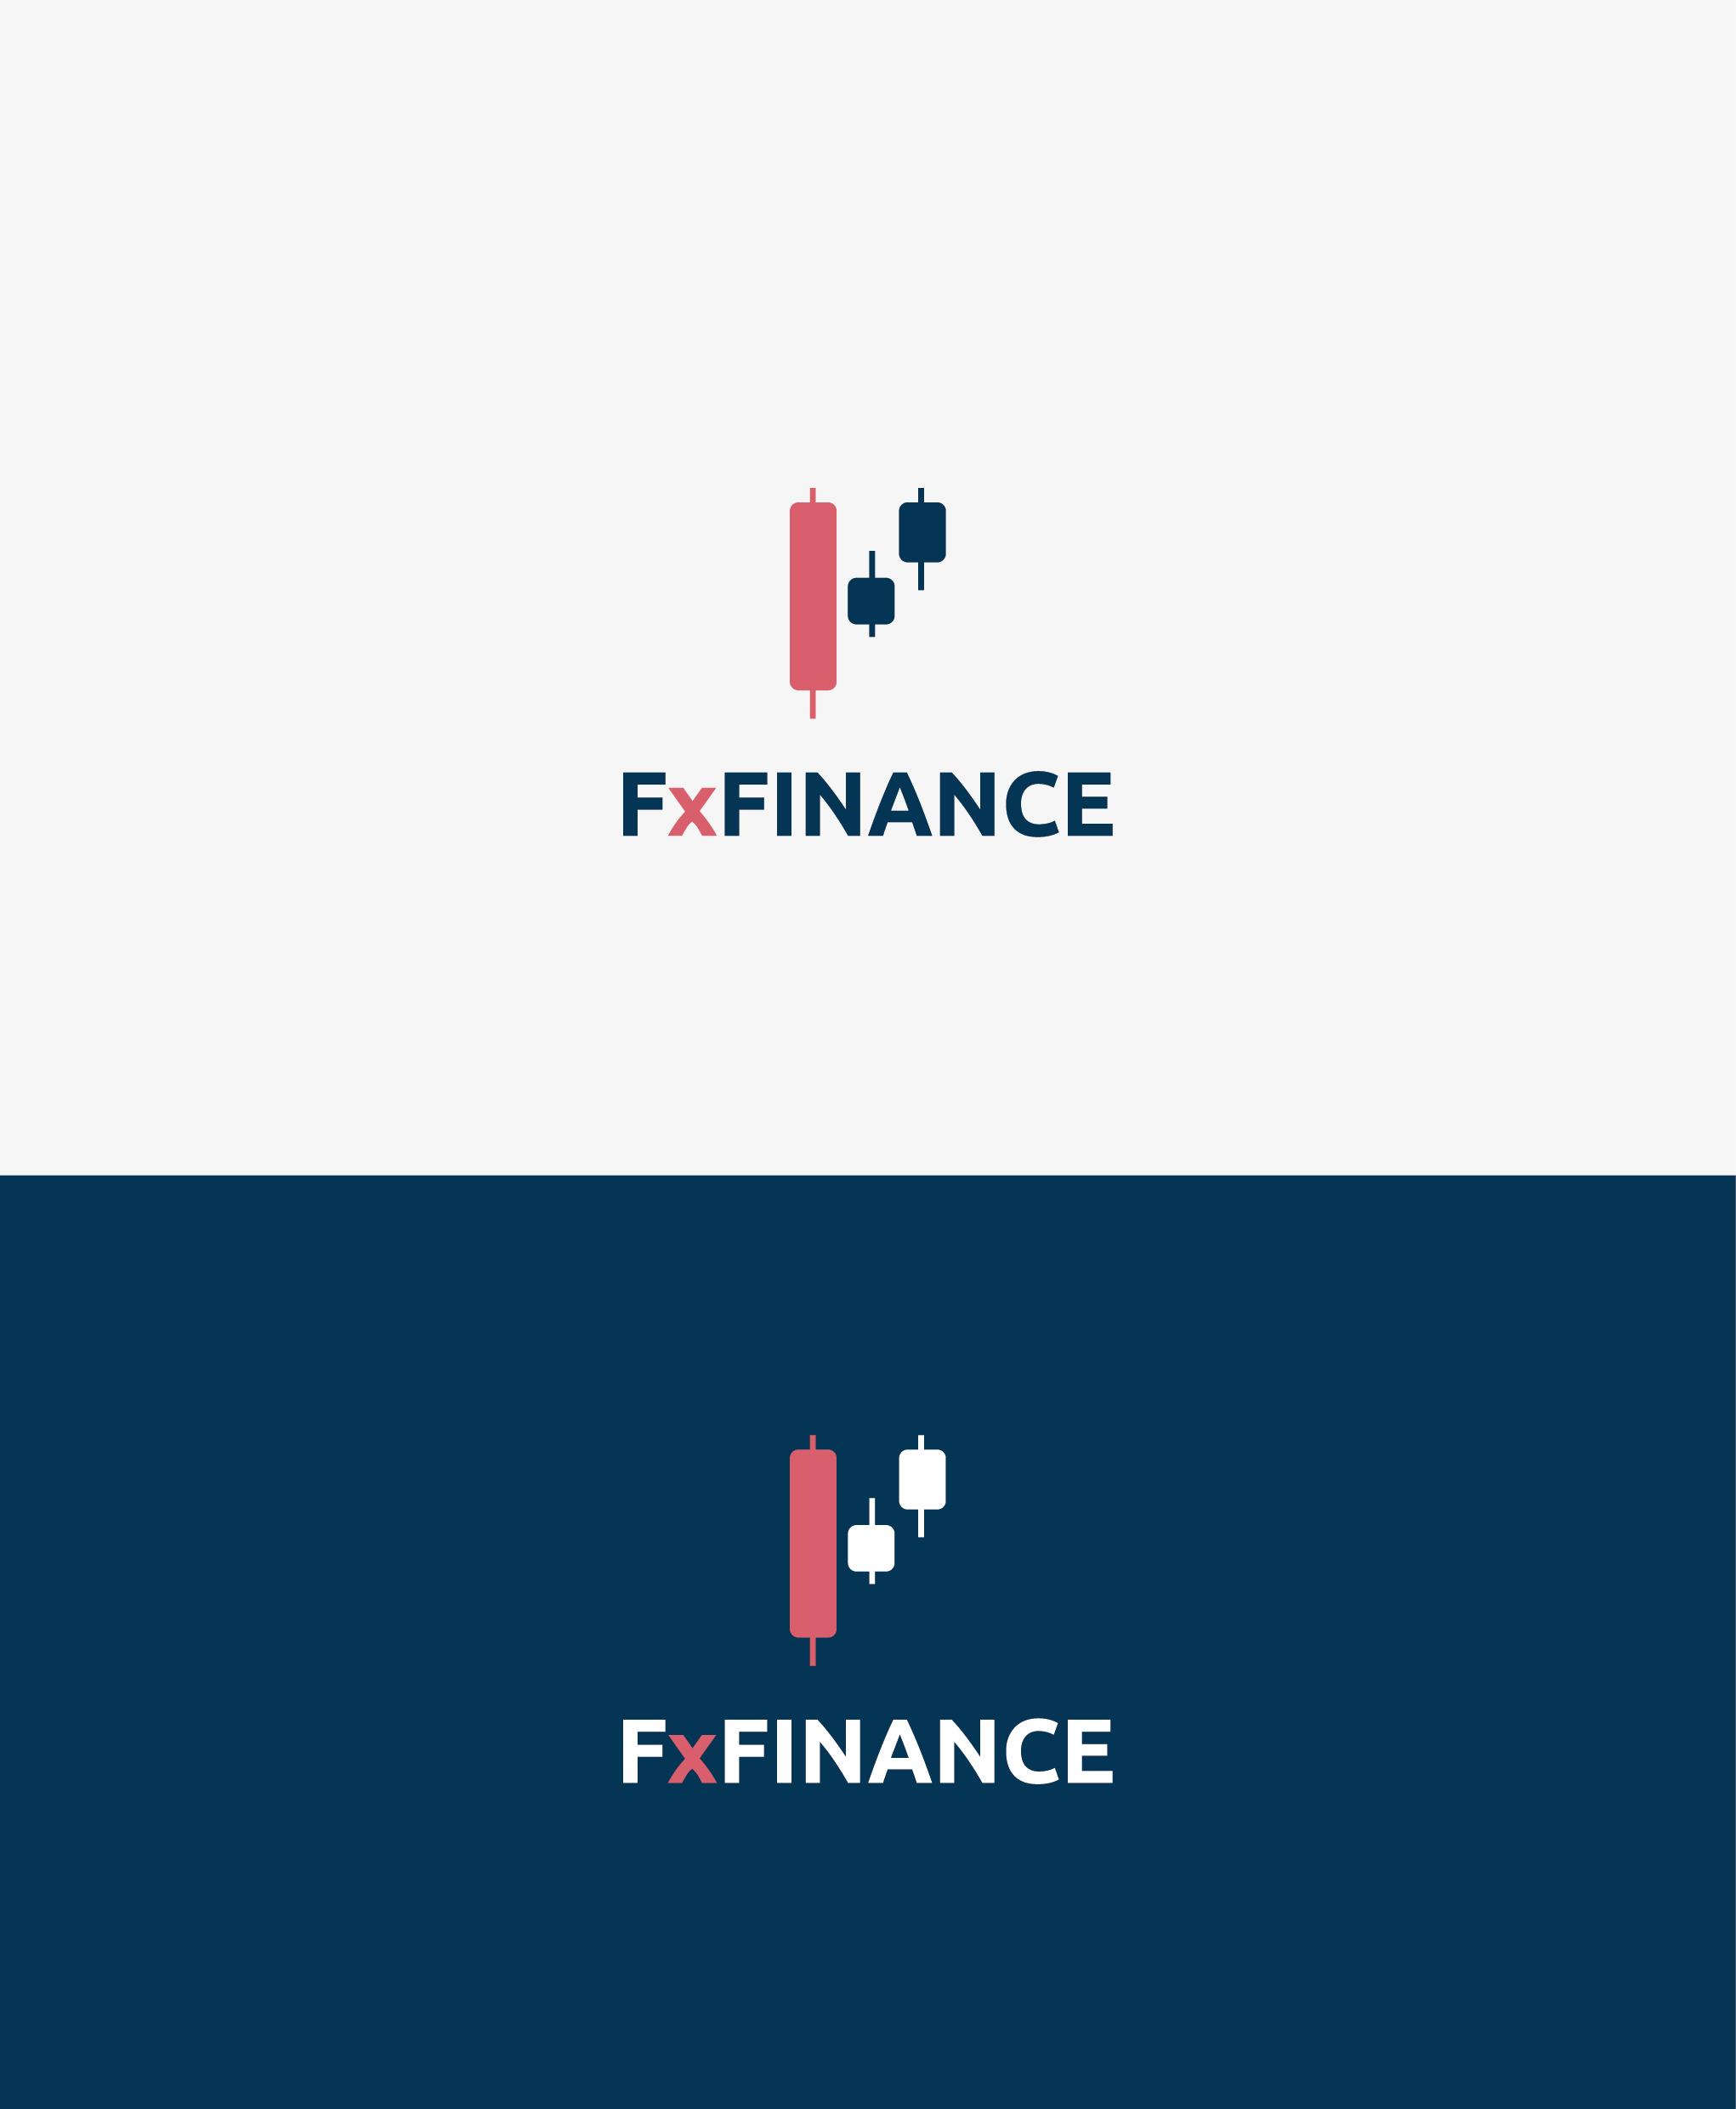 Разработка логотипа для компании FxFinance фото f_1555115bd8b8653c.jpg